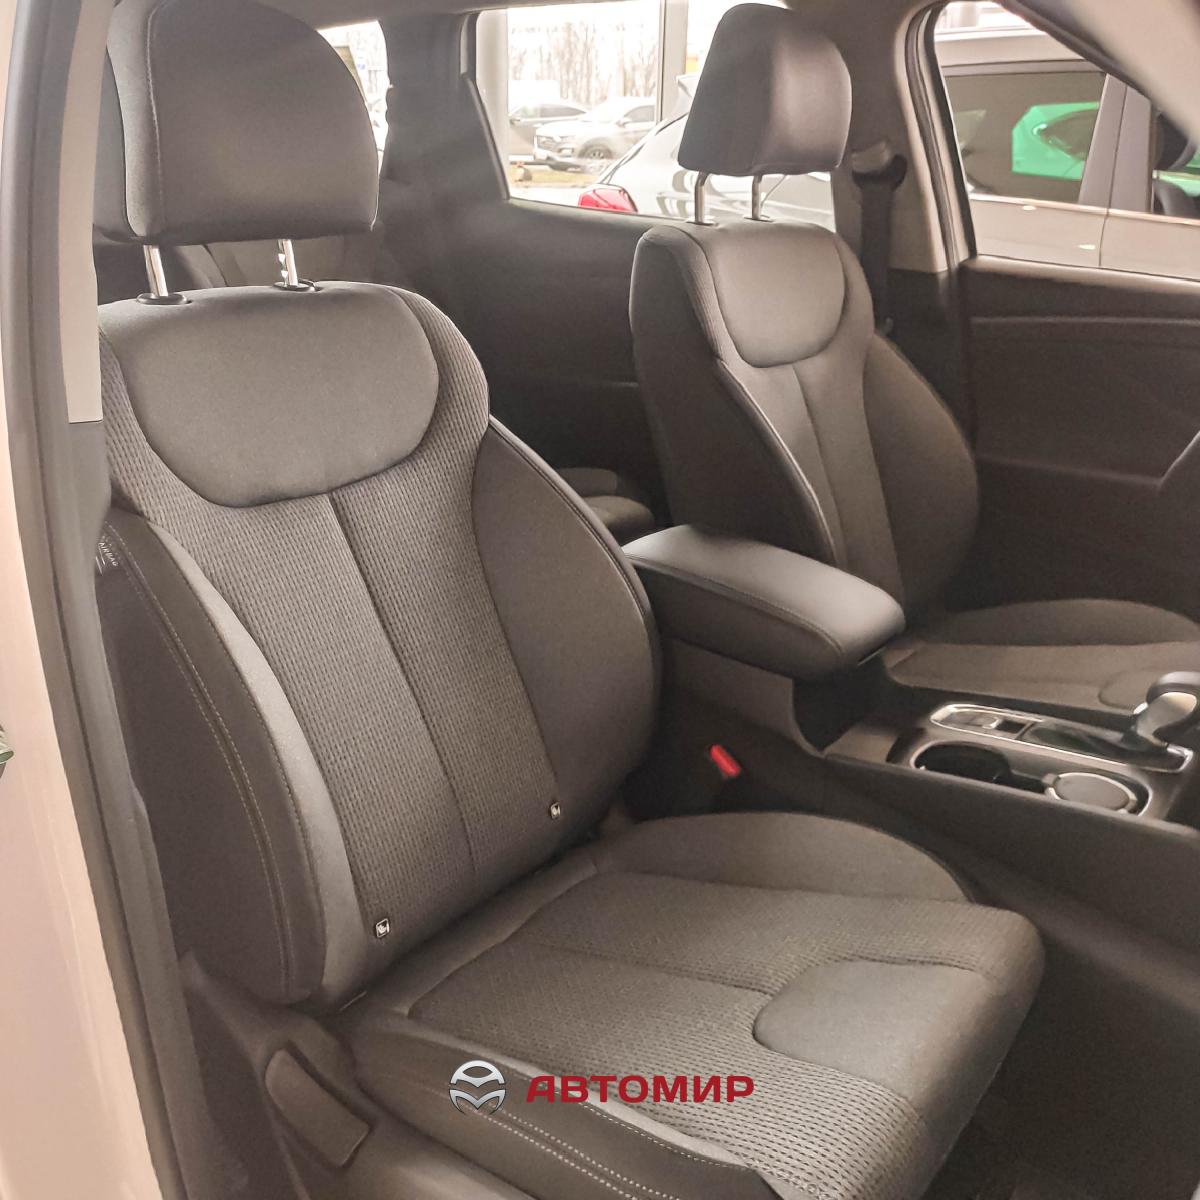 Теплі функції автомобілів Hyundai | Арія Моторс - фото 10